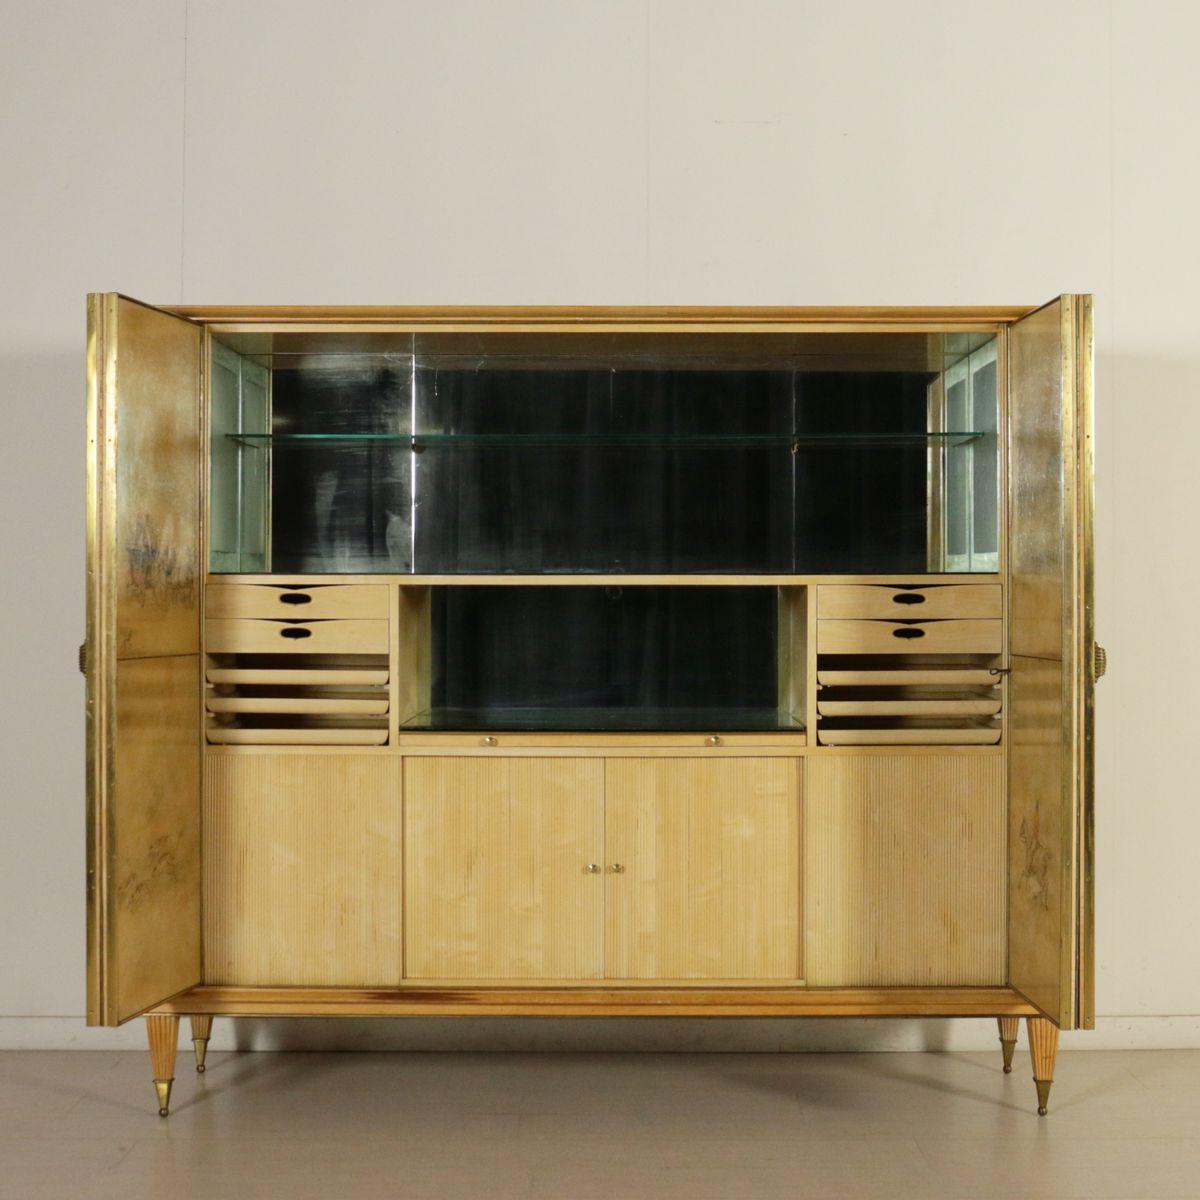 italienischer ahorn buchenholz schrank mit barfach 1950er bei pamono kaufen. Black Bedroom Furniture Sets. Home Design Ideas